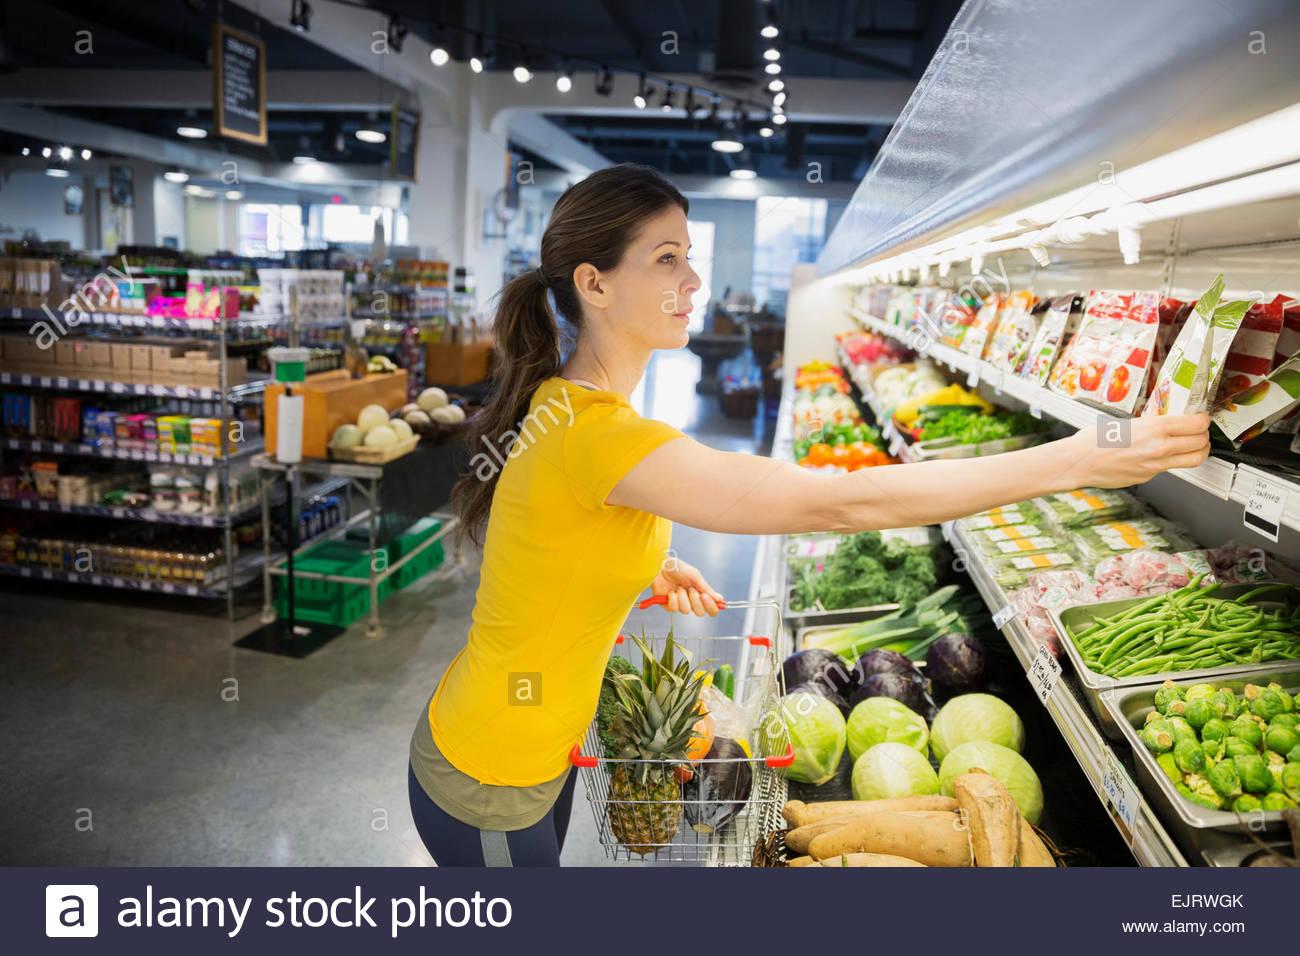 Frau für Produkte im Supermarkt einkaufen Stockbild